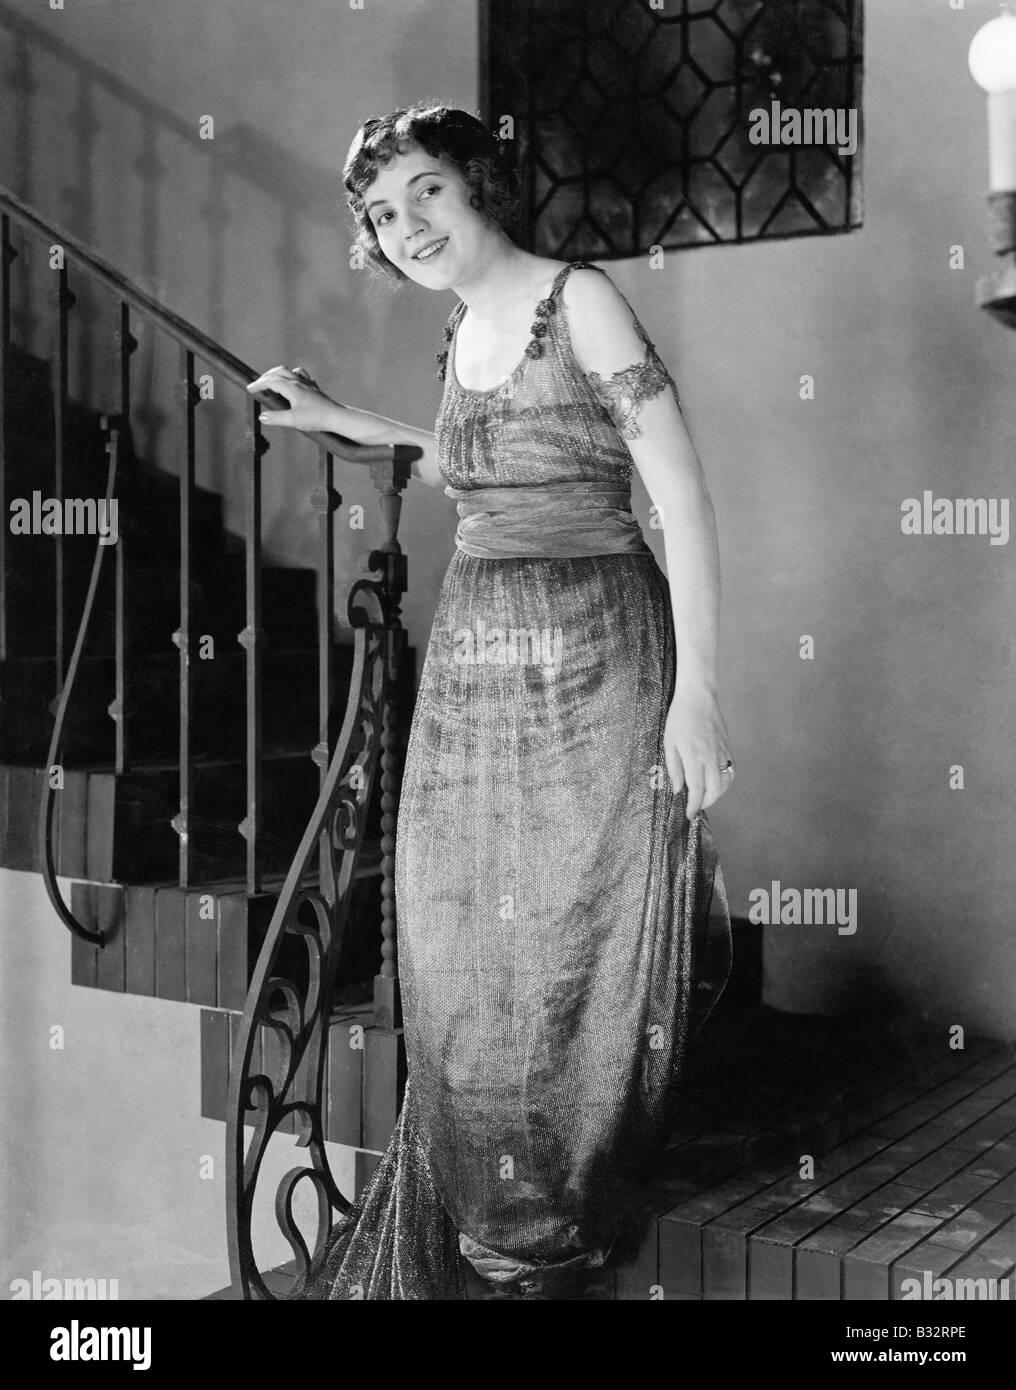 Giovane donna si sta spostando verso il basso di una scala e sorridente Immagini Stock